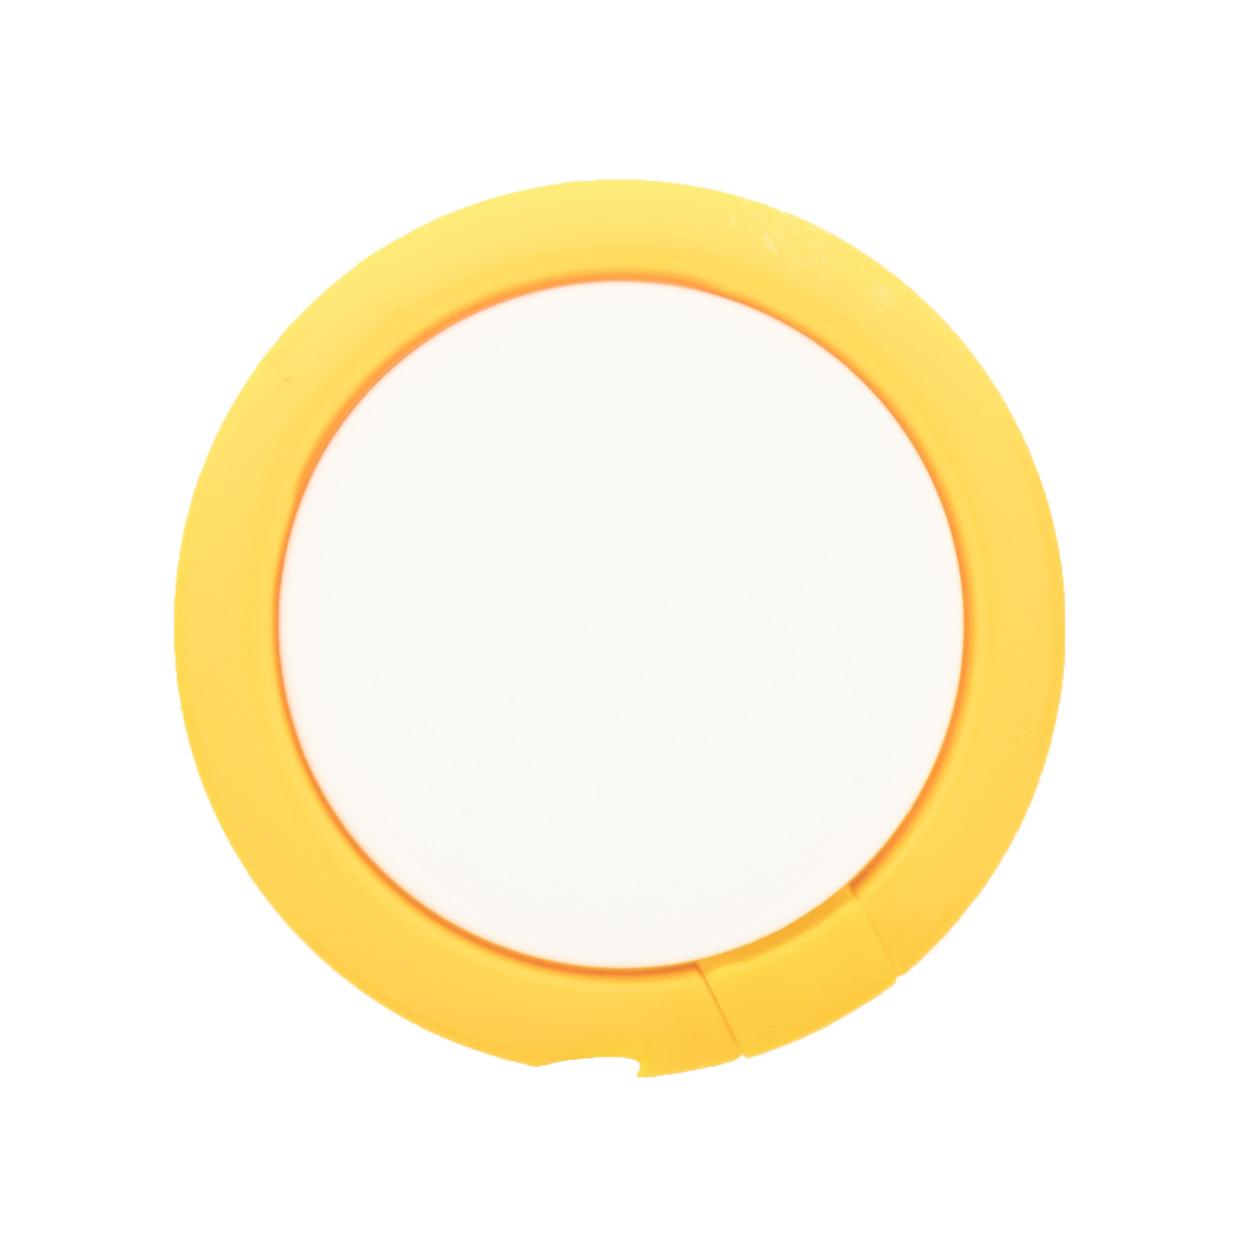 Cloxon mobile holder ring